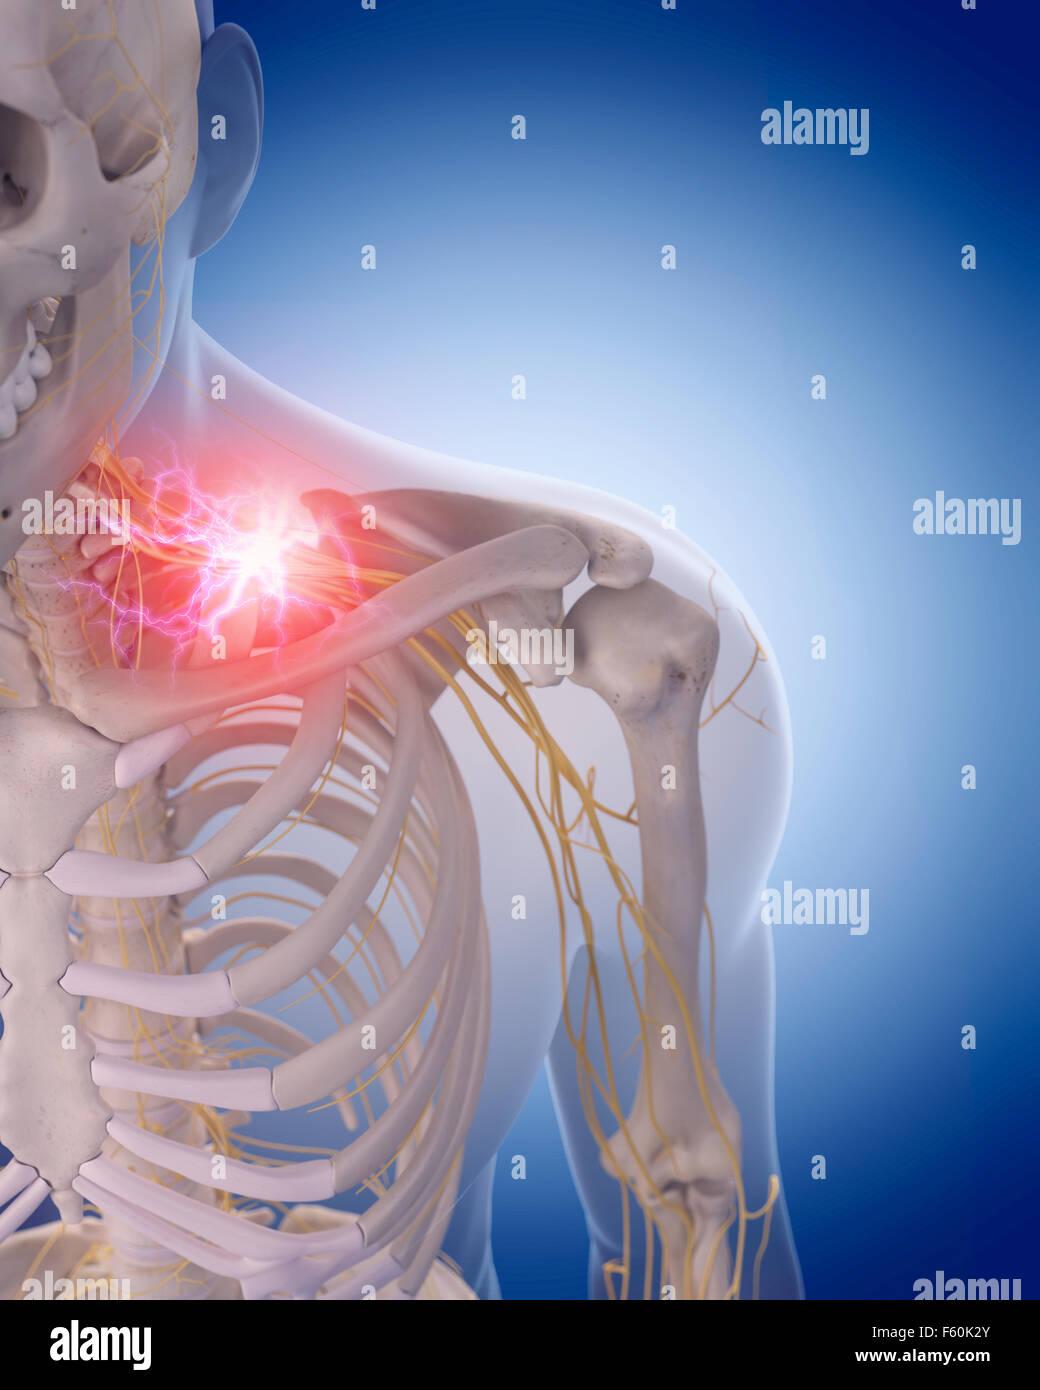 medizinisch genaue Darstellung der schmerzhaften Halsnerven Stockfoto